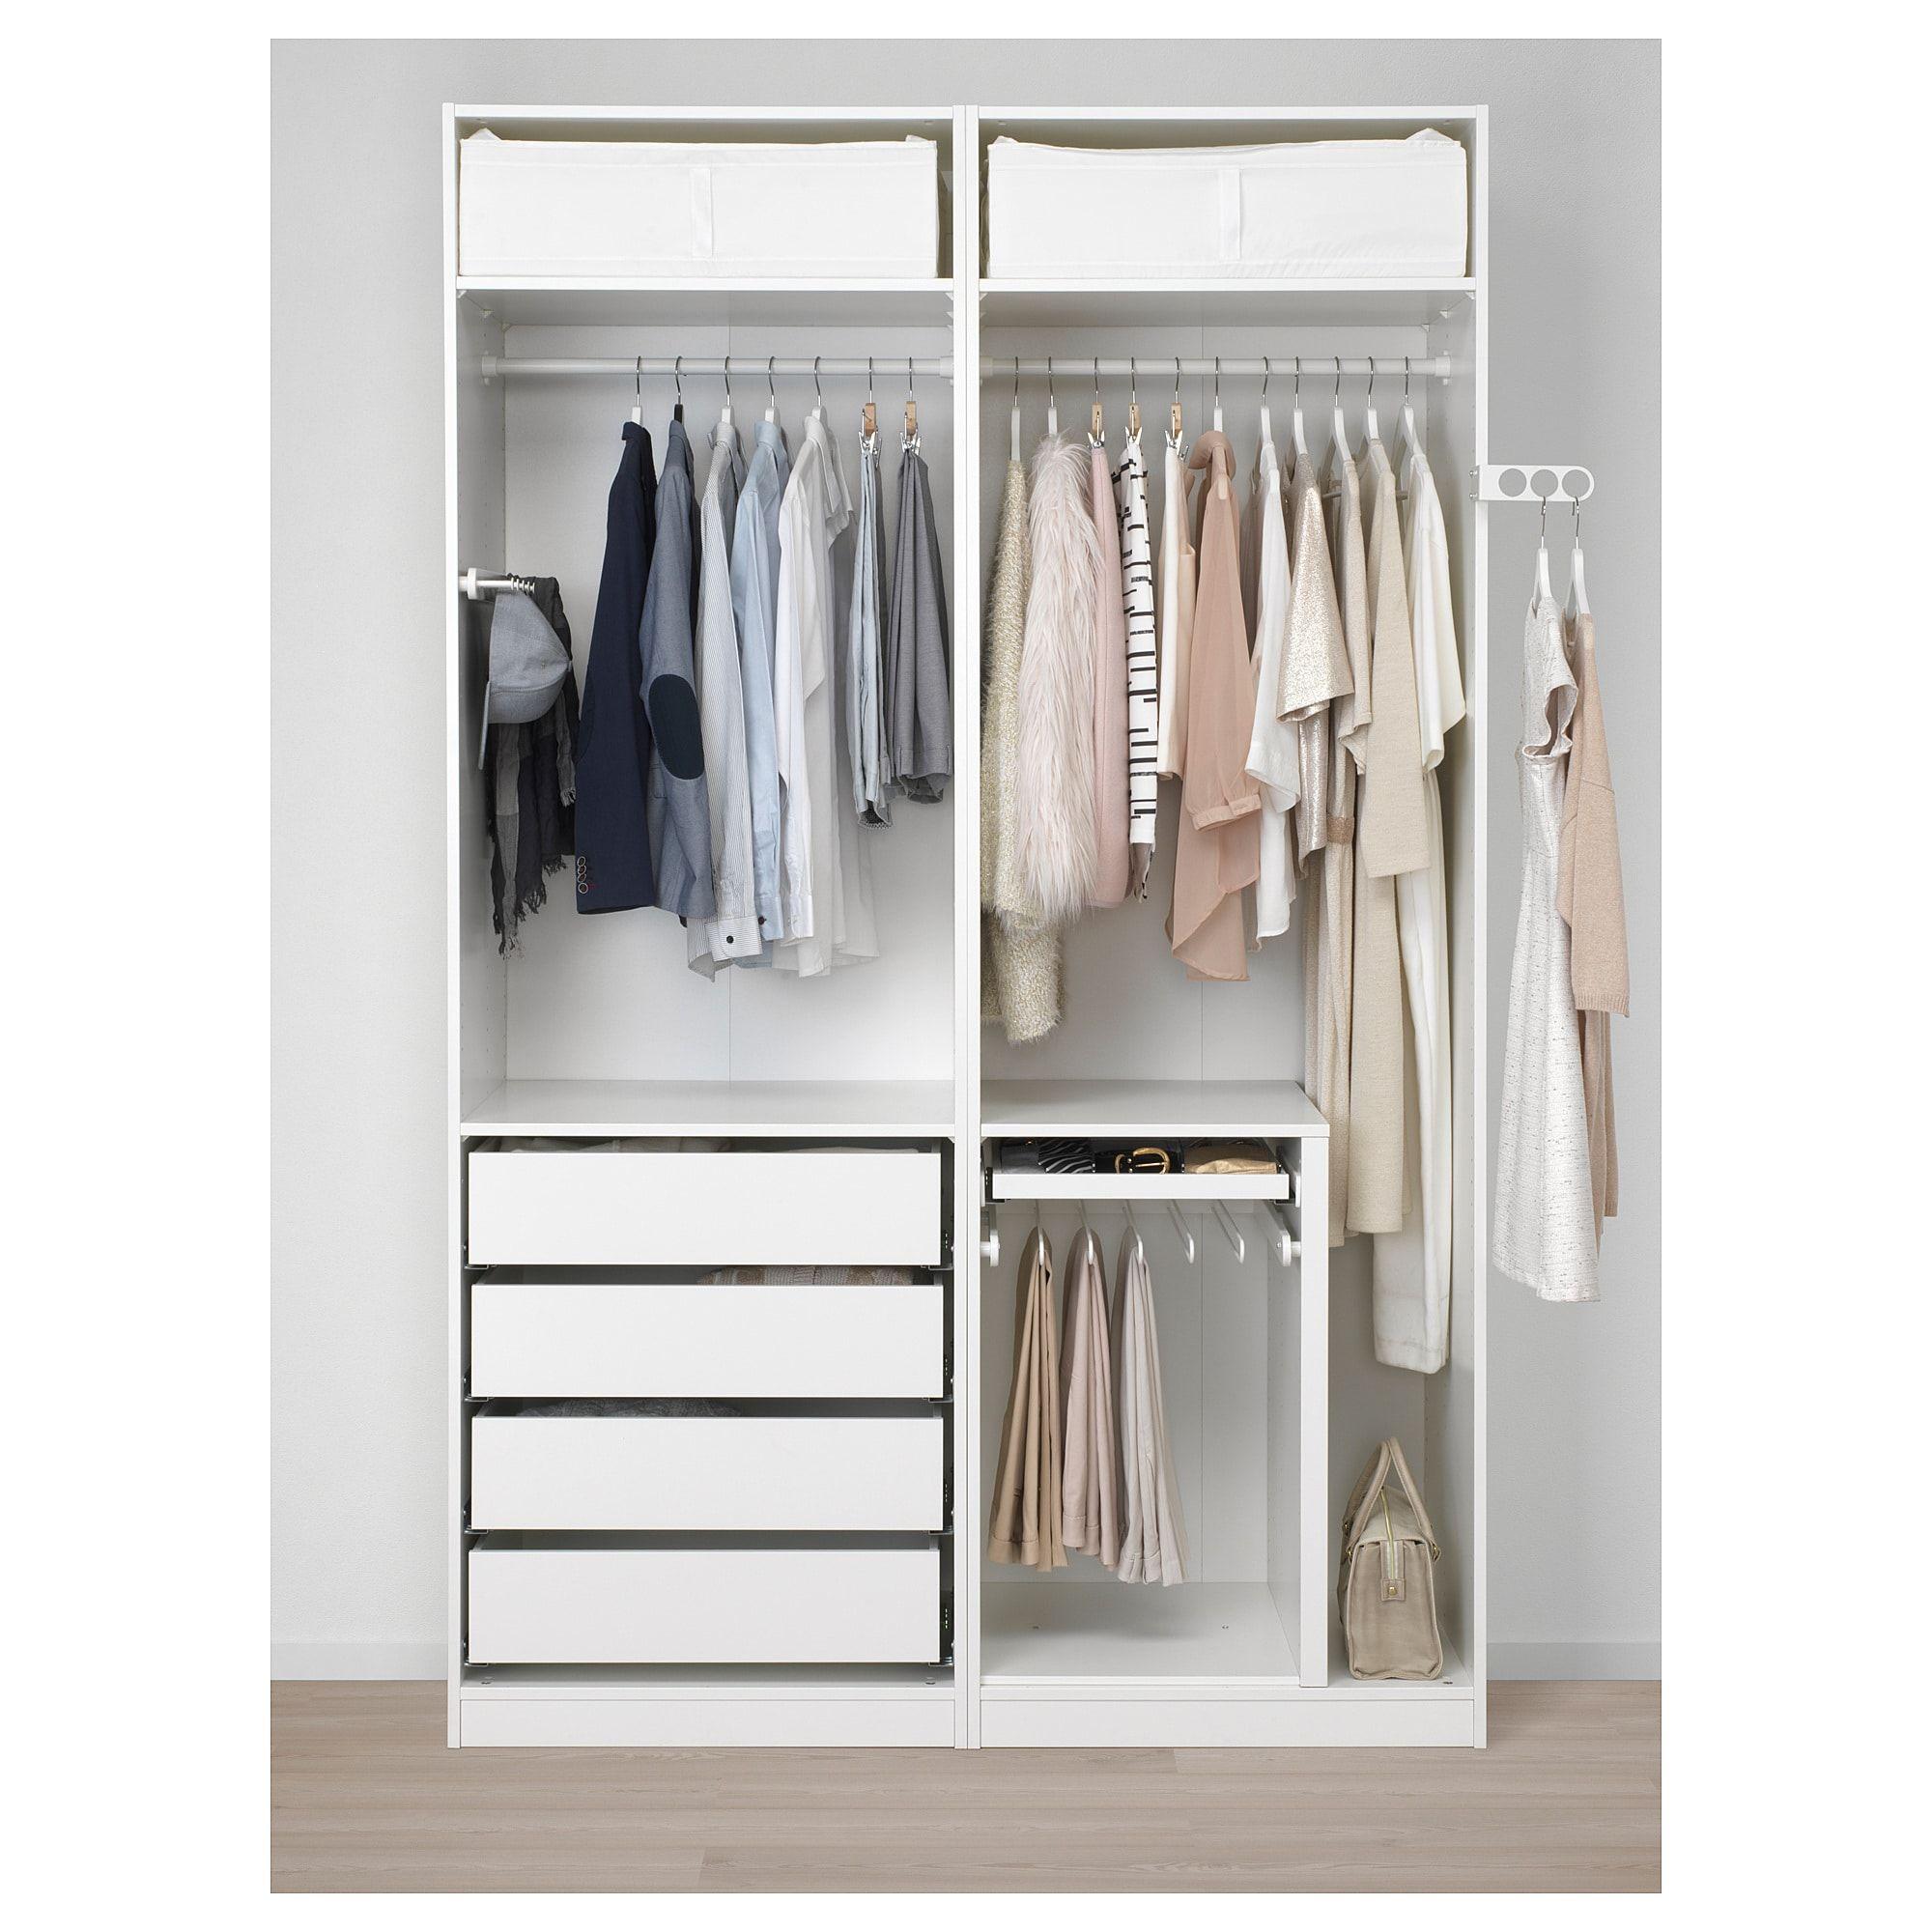 Ausgezeichnet Schlafzimmer Ohne Kleiderschrank Kleine: PAX Kleiderschrank, Weiß In 2019